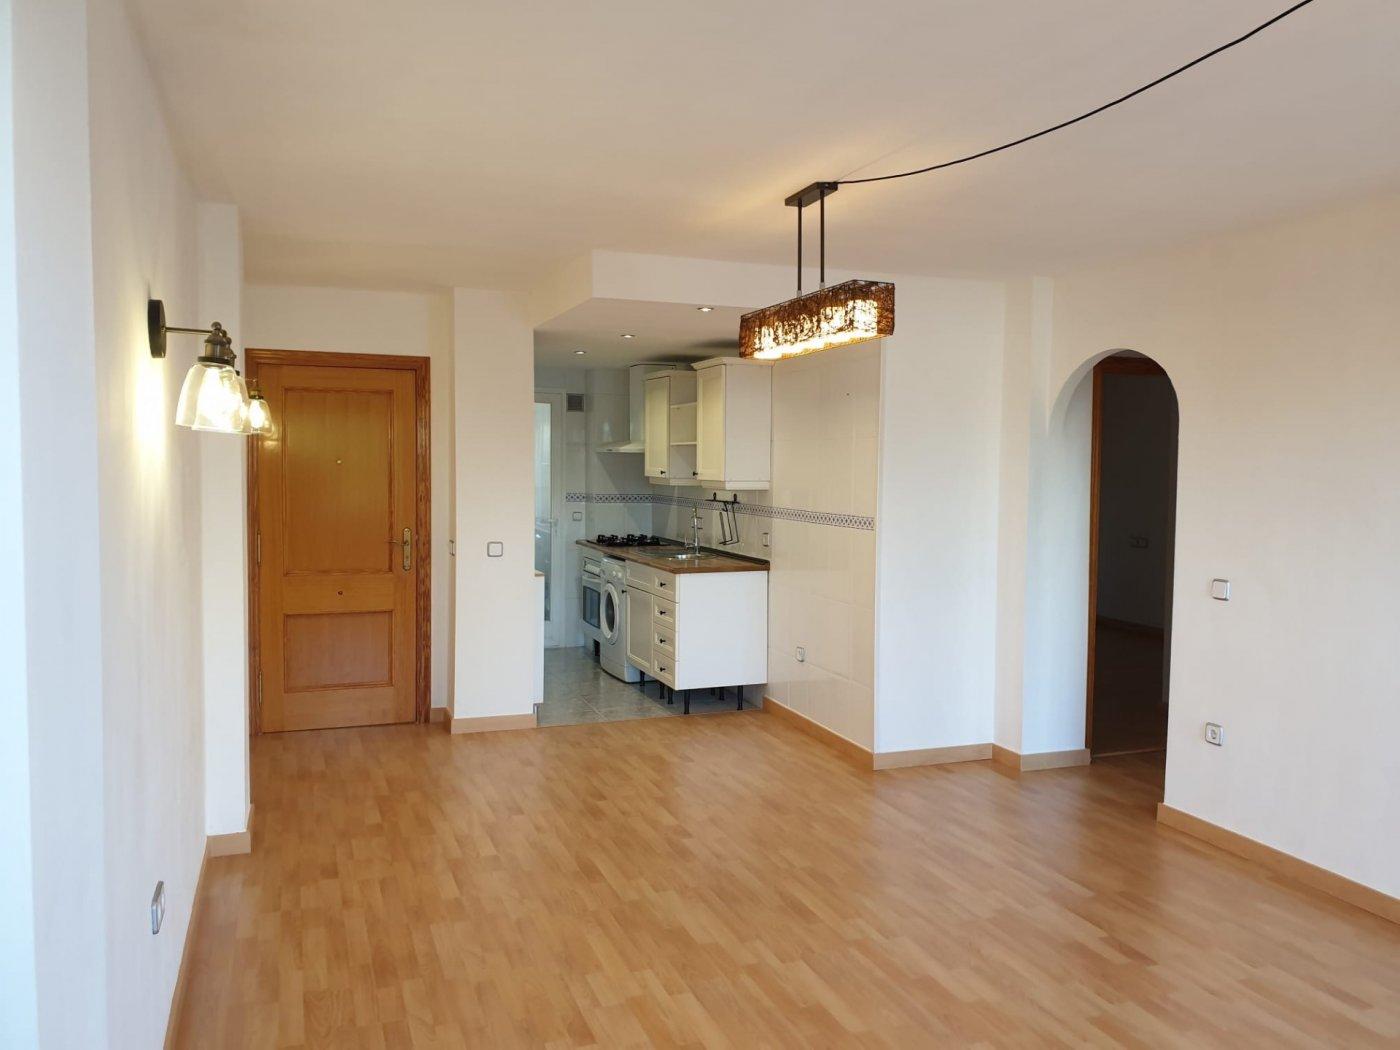 Coqueto piso de 2 dormitorios con plaza de aparcamiento en la vileta - precio: 800?/mes - imagenInmueble1